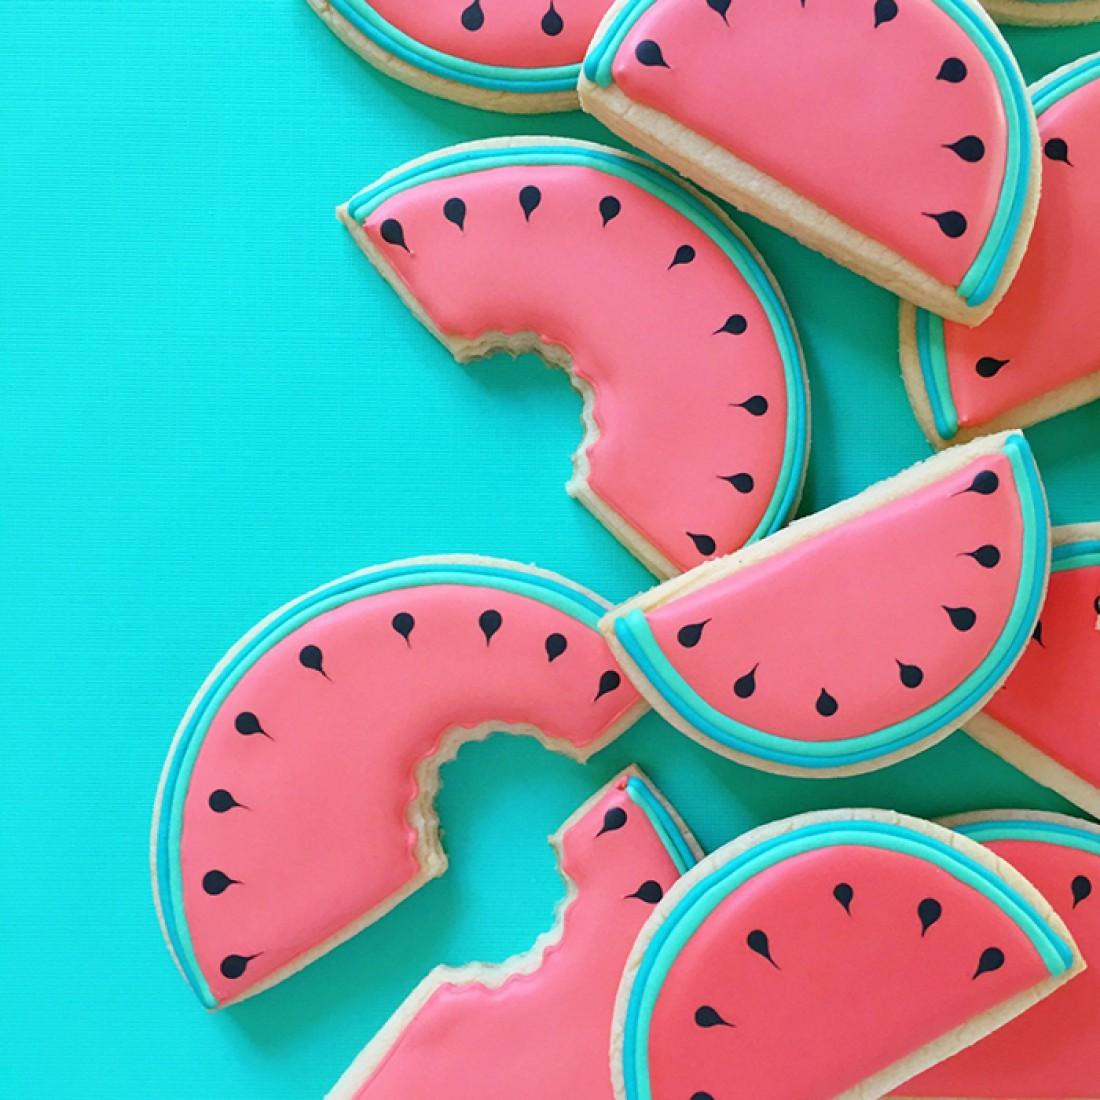 Печенье от графического дизайнера